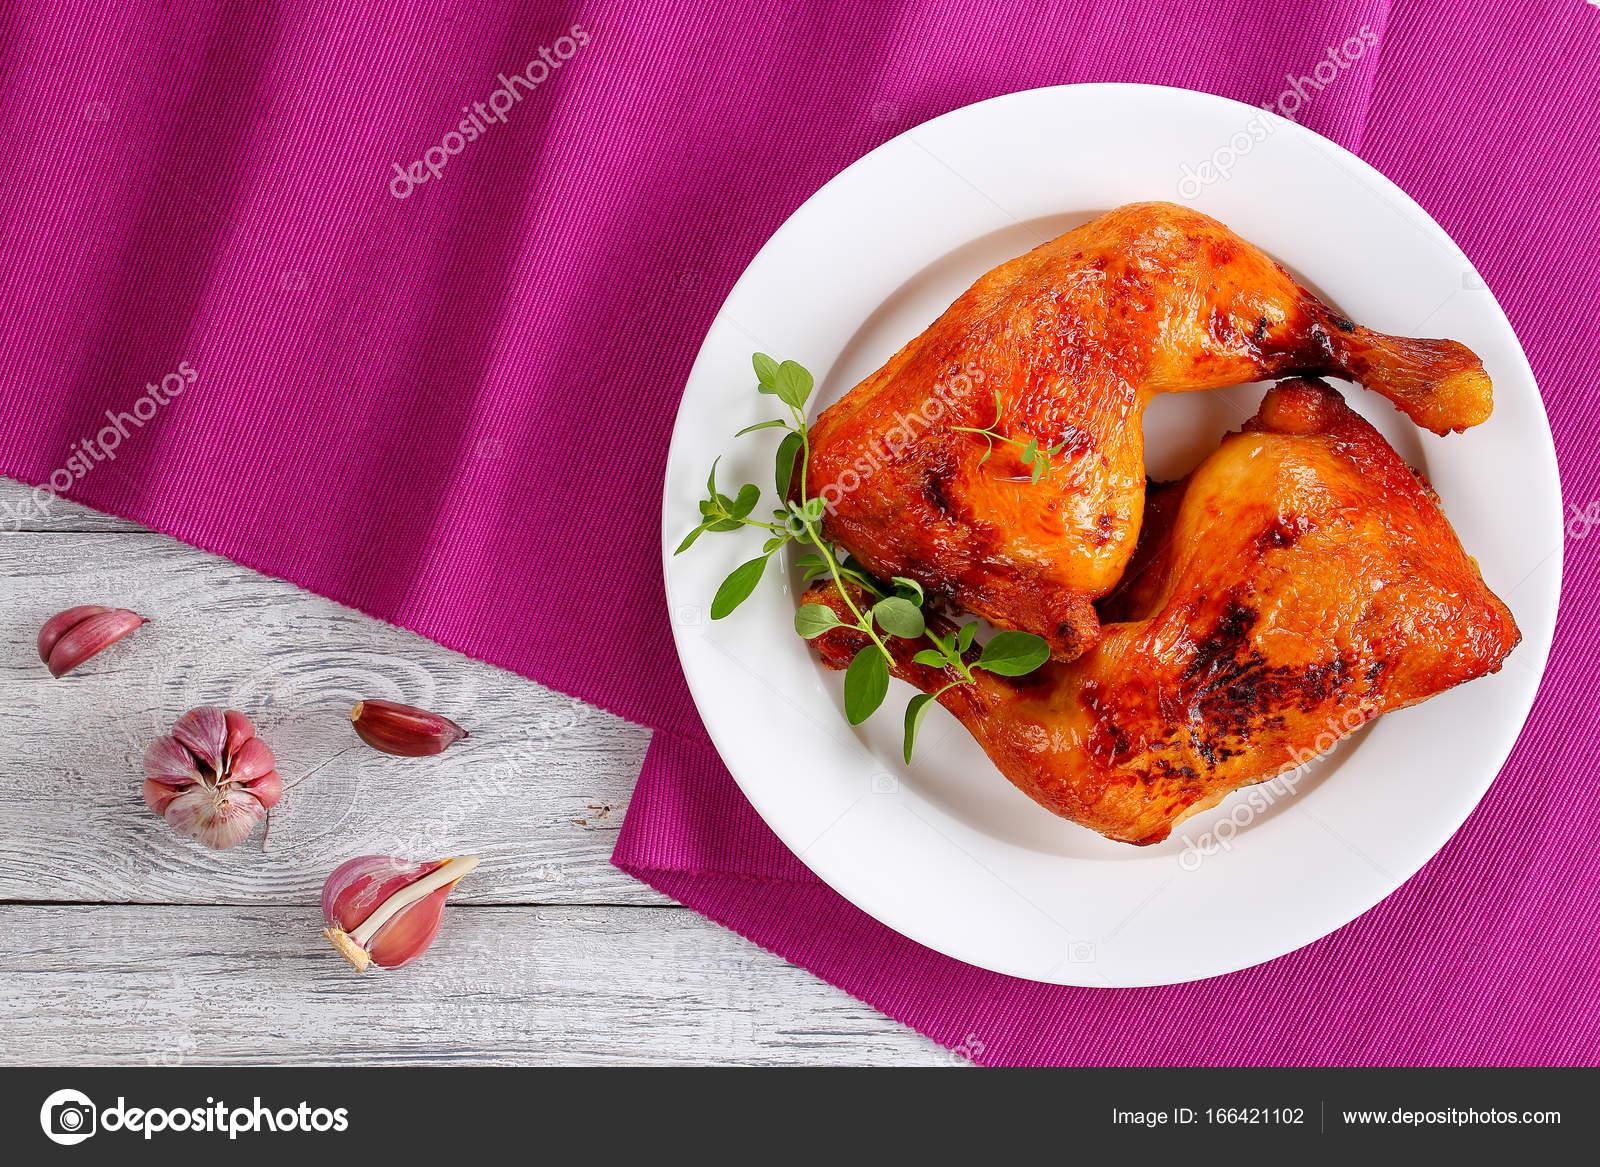 Cuartos de pierna de pollo asado en la placa — Foto de stock ...